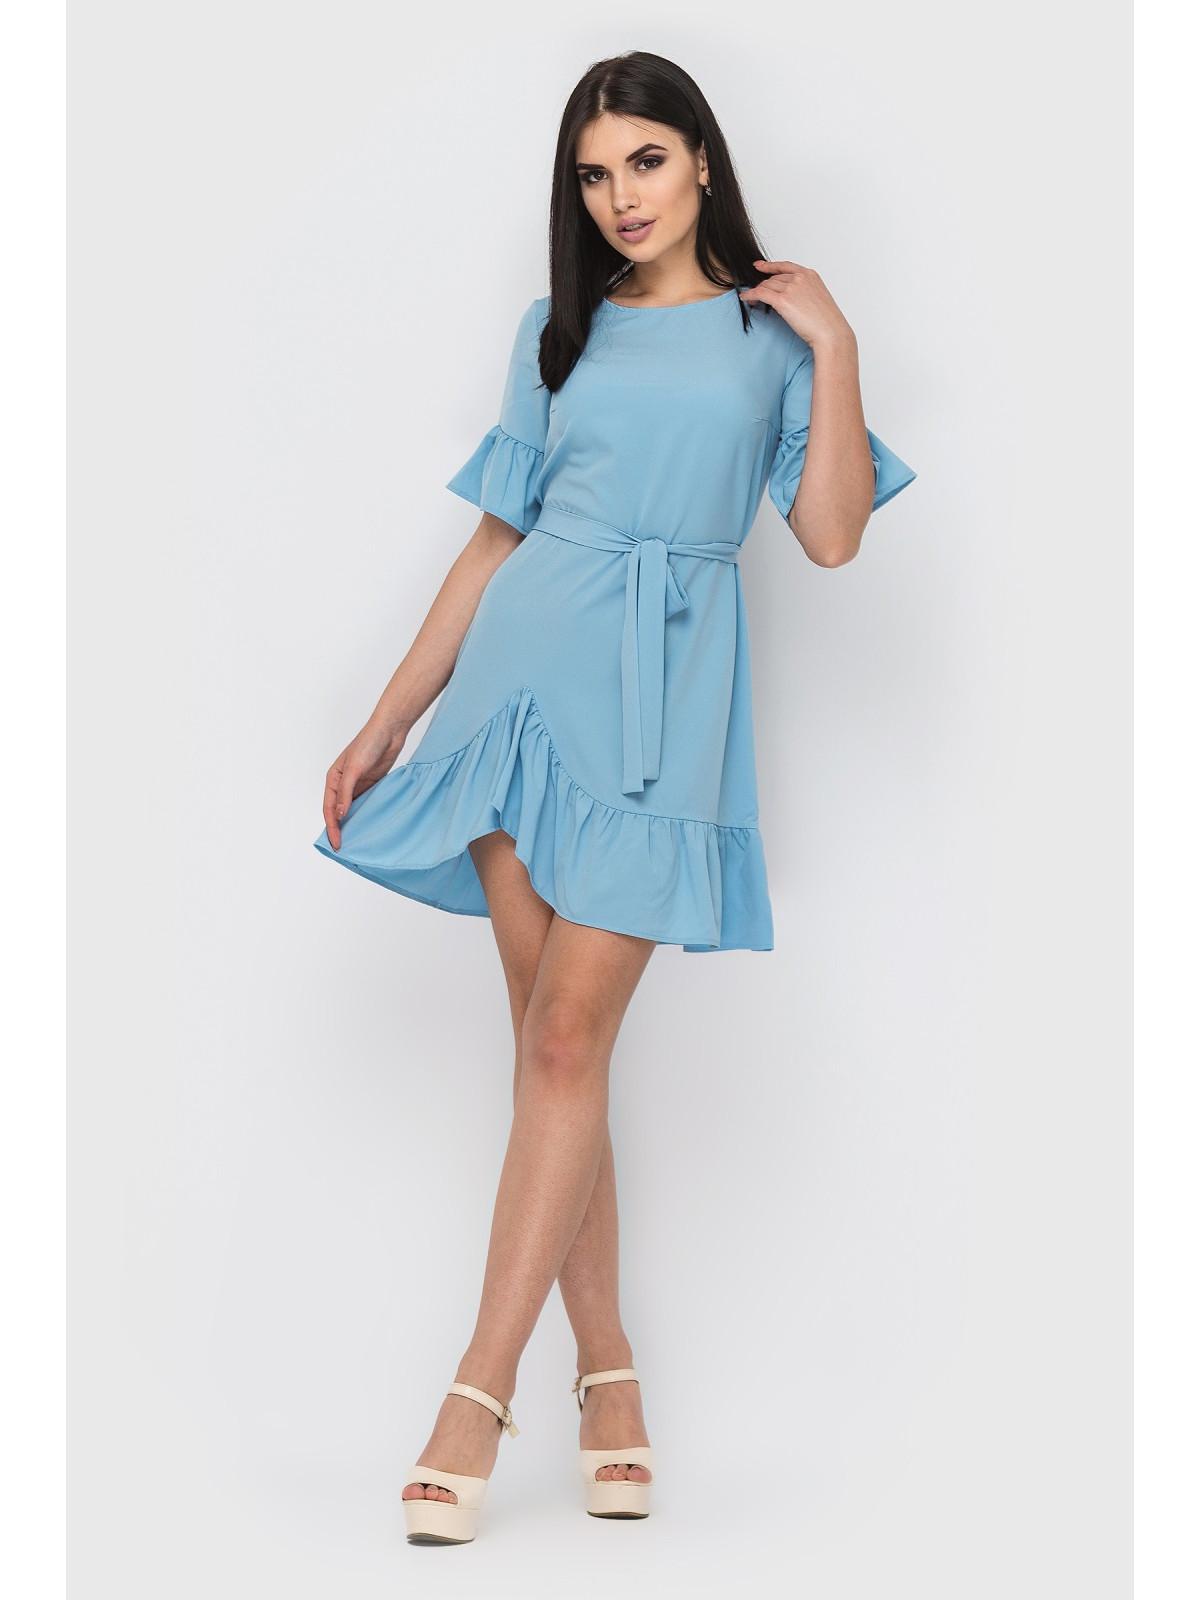 Платье Alina Голубой